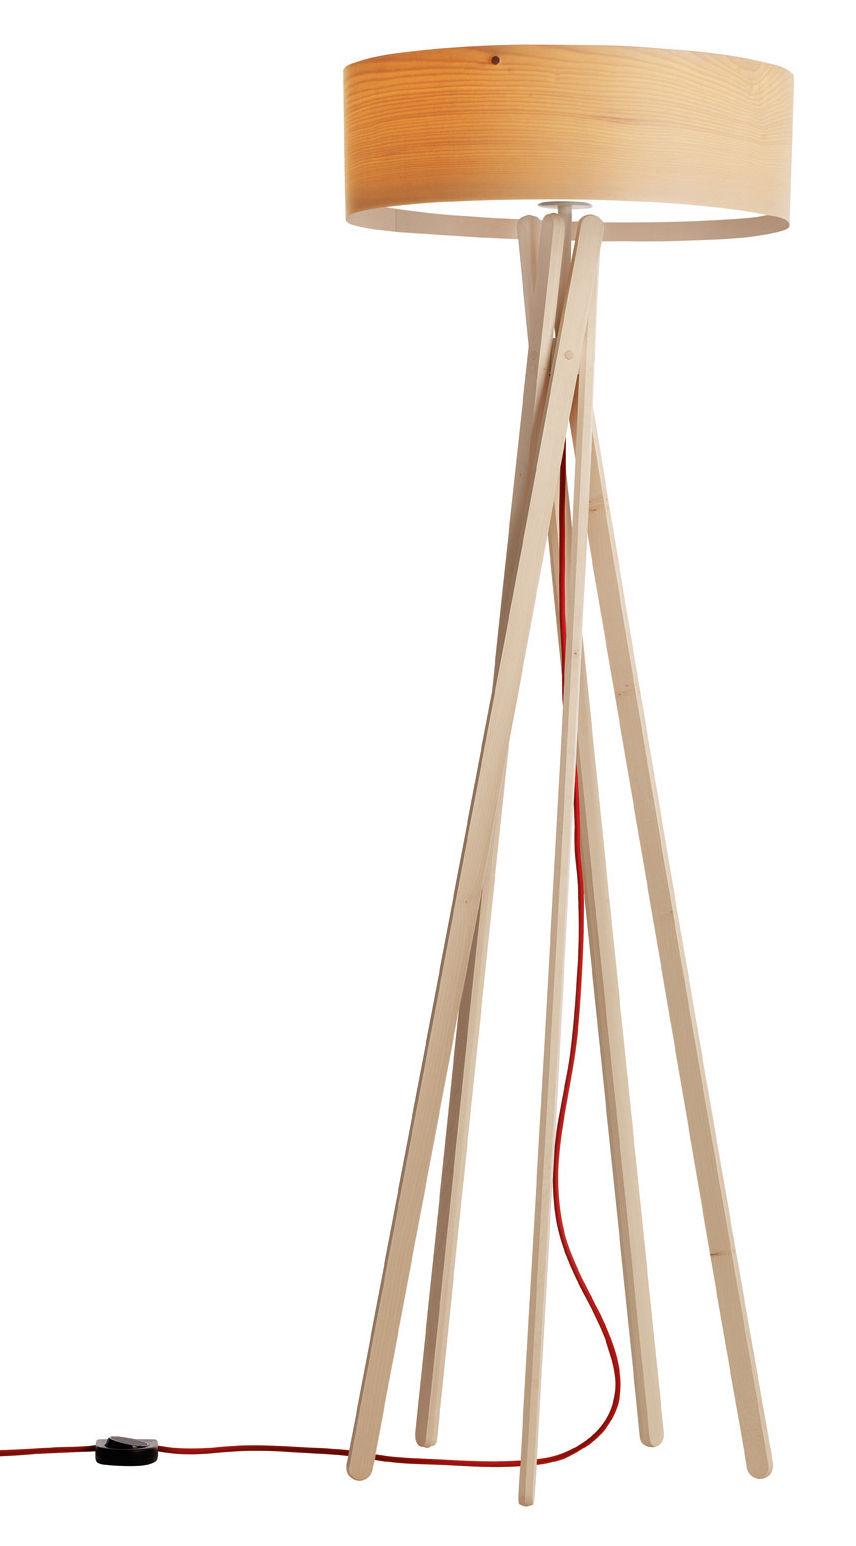 Leuchten - Stehleuchten - Arba Stehleuchte mit Schalter - Belux - Holz - mit Schalter - geölter Ahorn